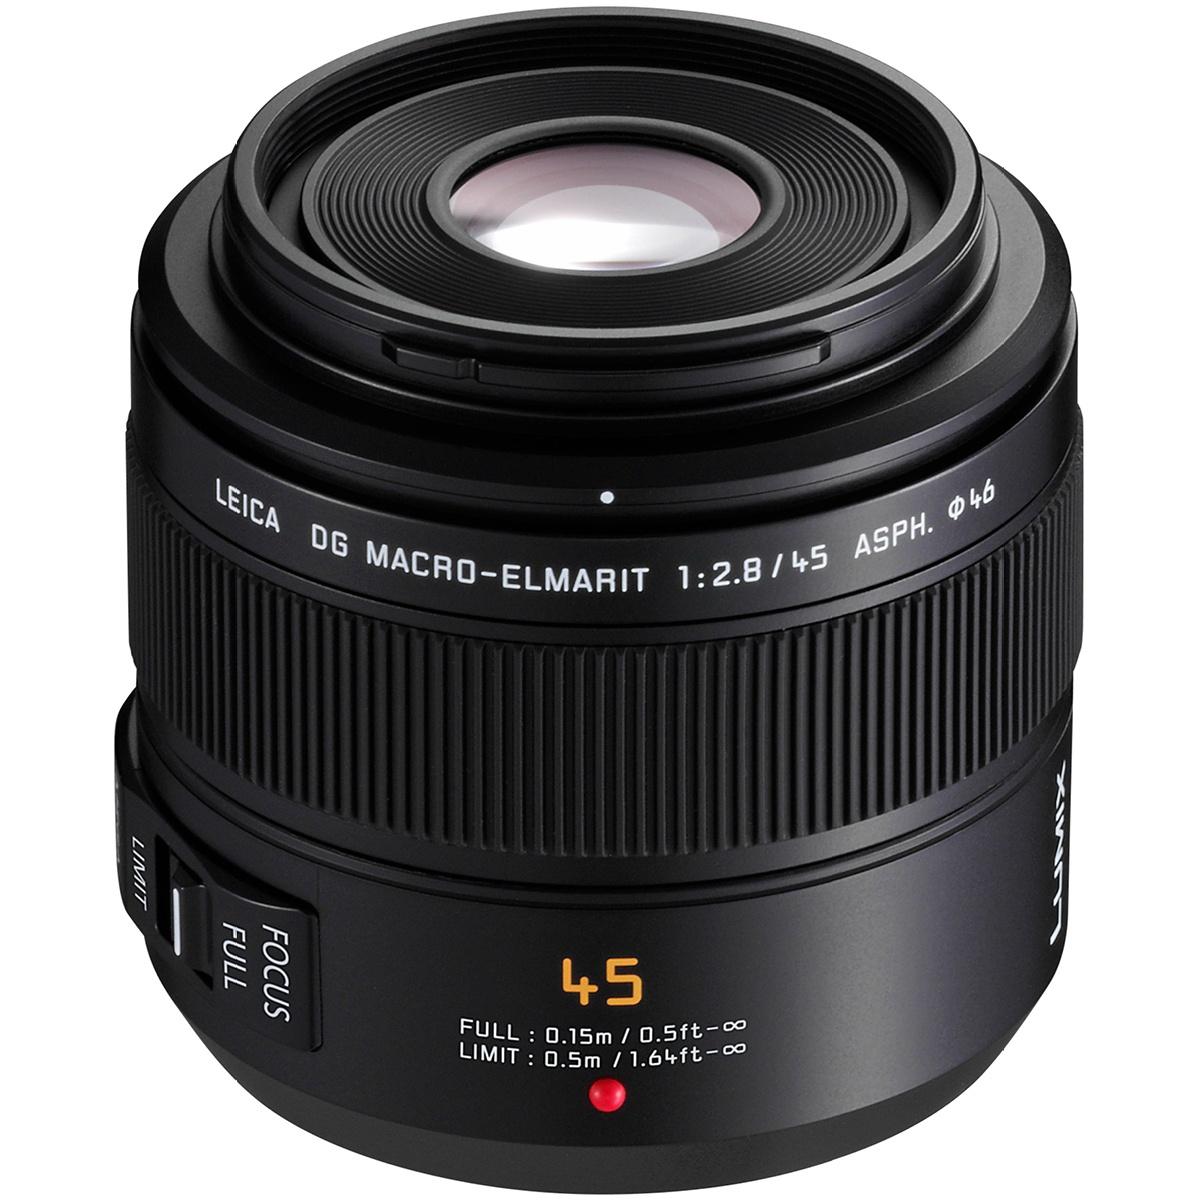 Panasonic 45 mm 1:2,8 Leica Macro-Elmarit OIS